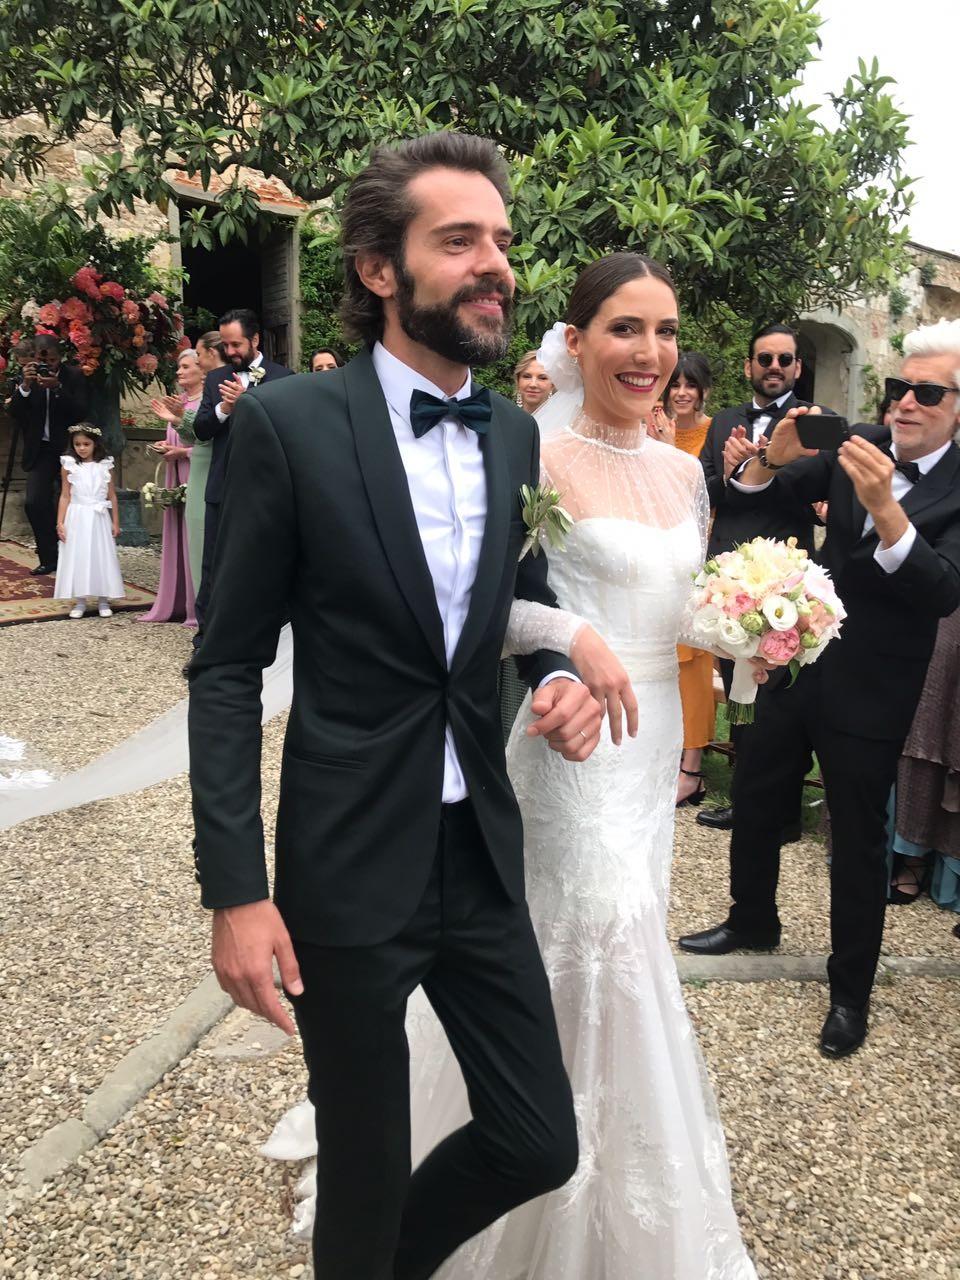 Casamento Lilly Sarti (Foto: Reprodução/ Instagram)